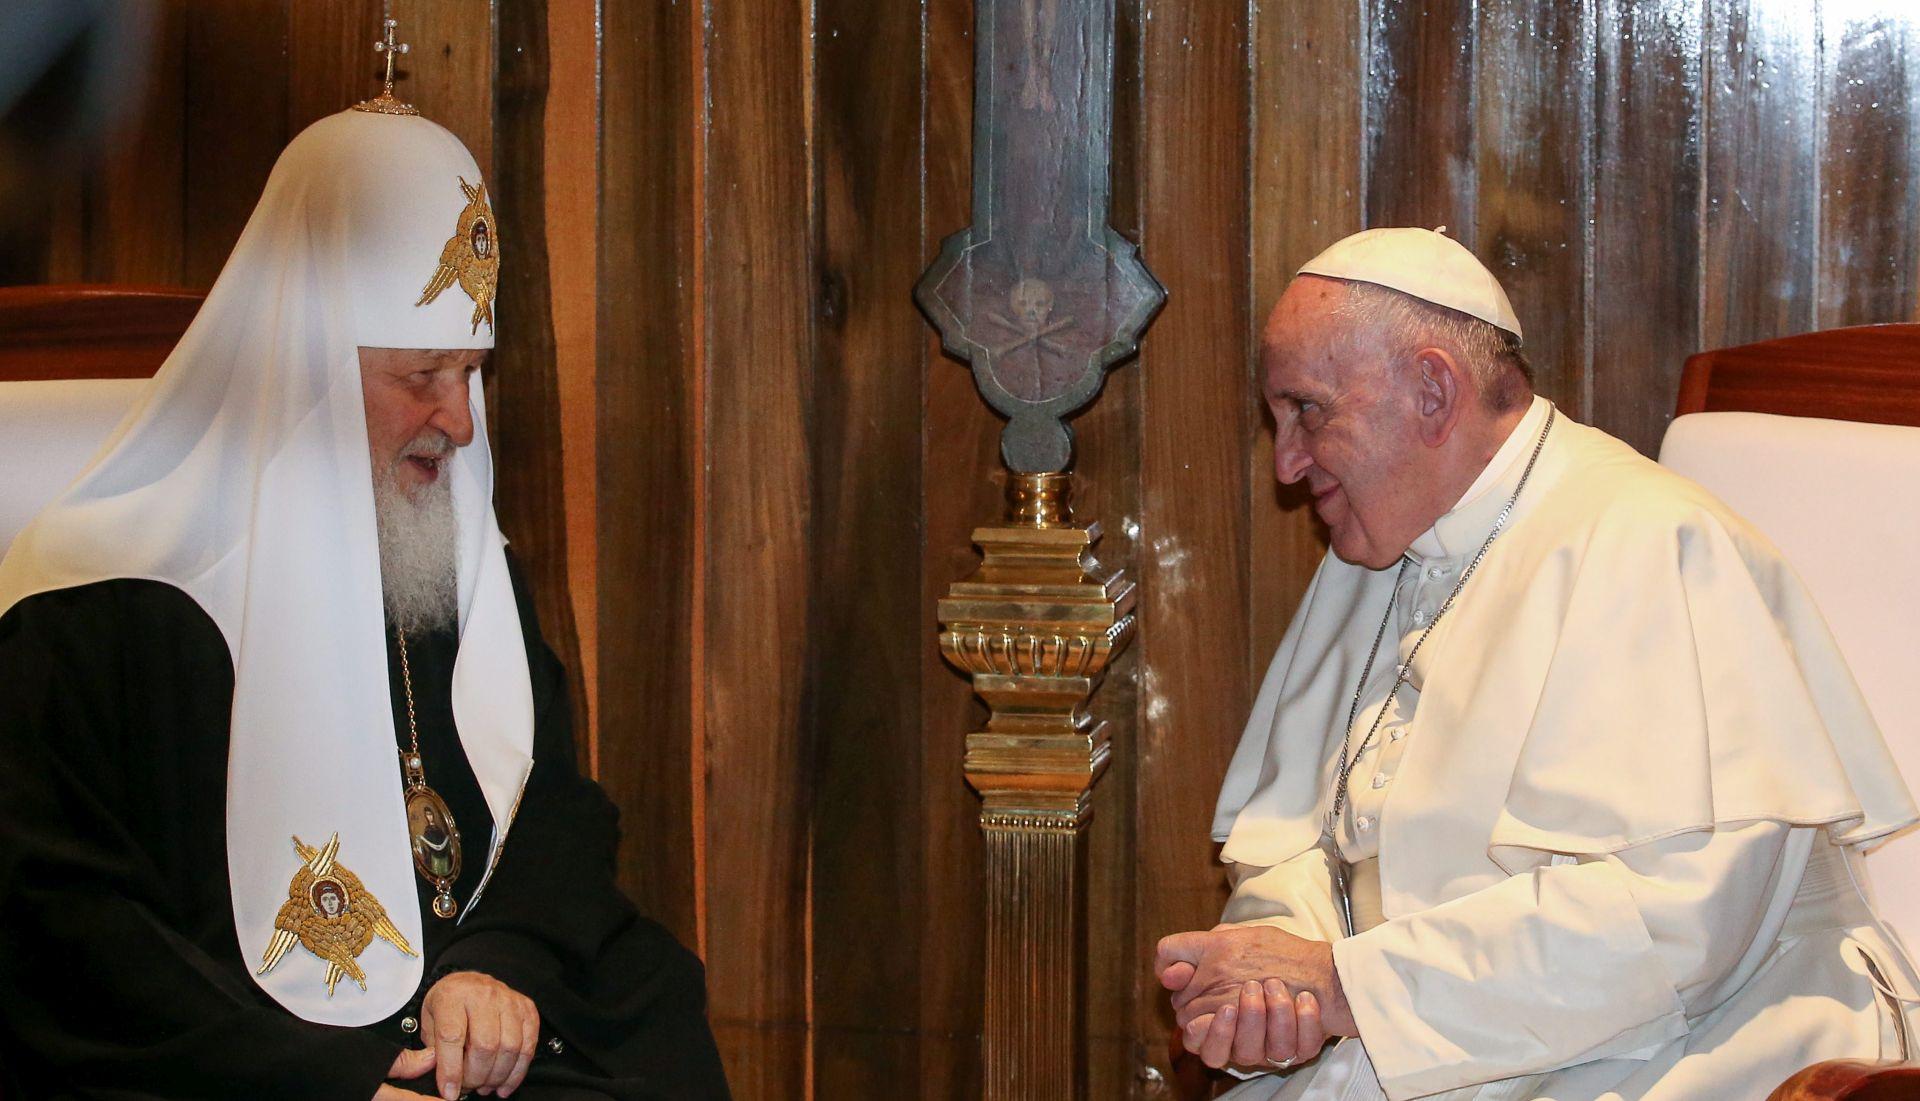 ISTOČNA I ZAPADNA CRKVA: Papa i ruski patrijarh se zagrlili na povijesnom susretu